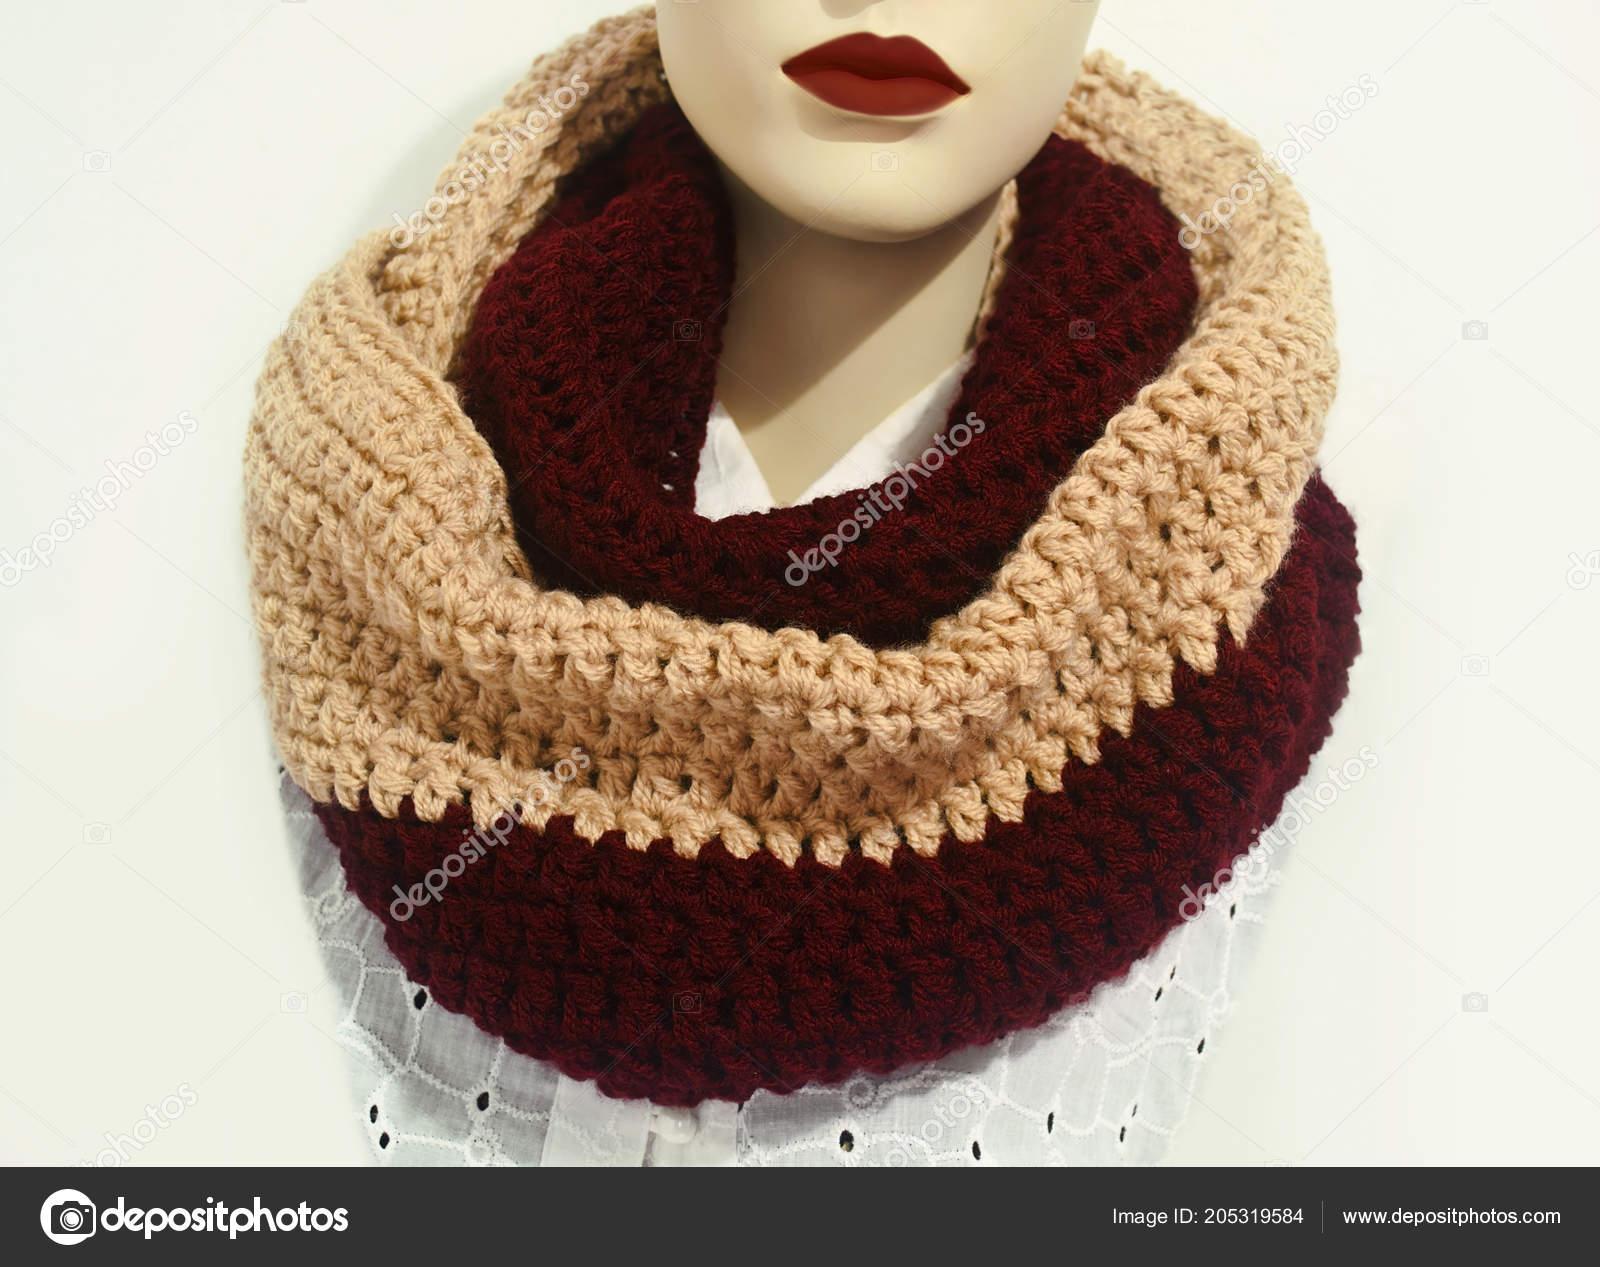 кукла носить шарф вязание крючком бесконечности шарф шерсти шарф